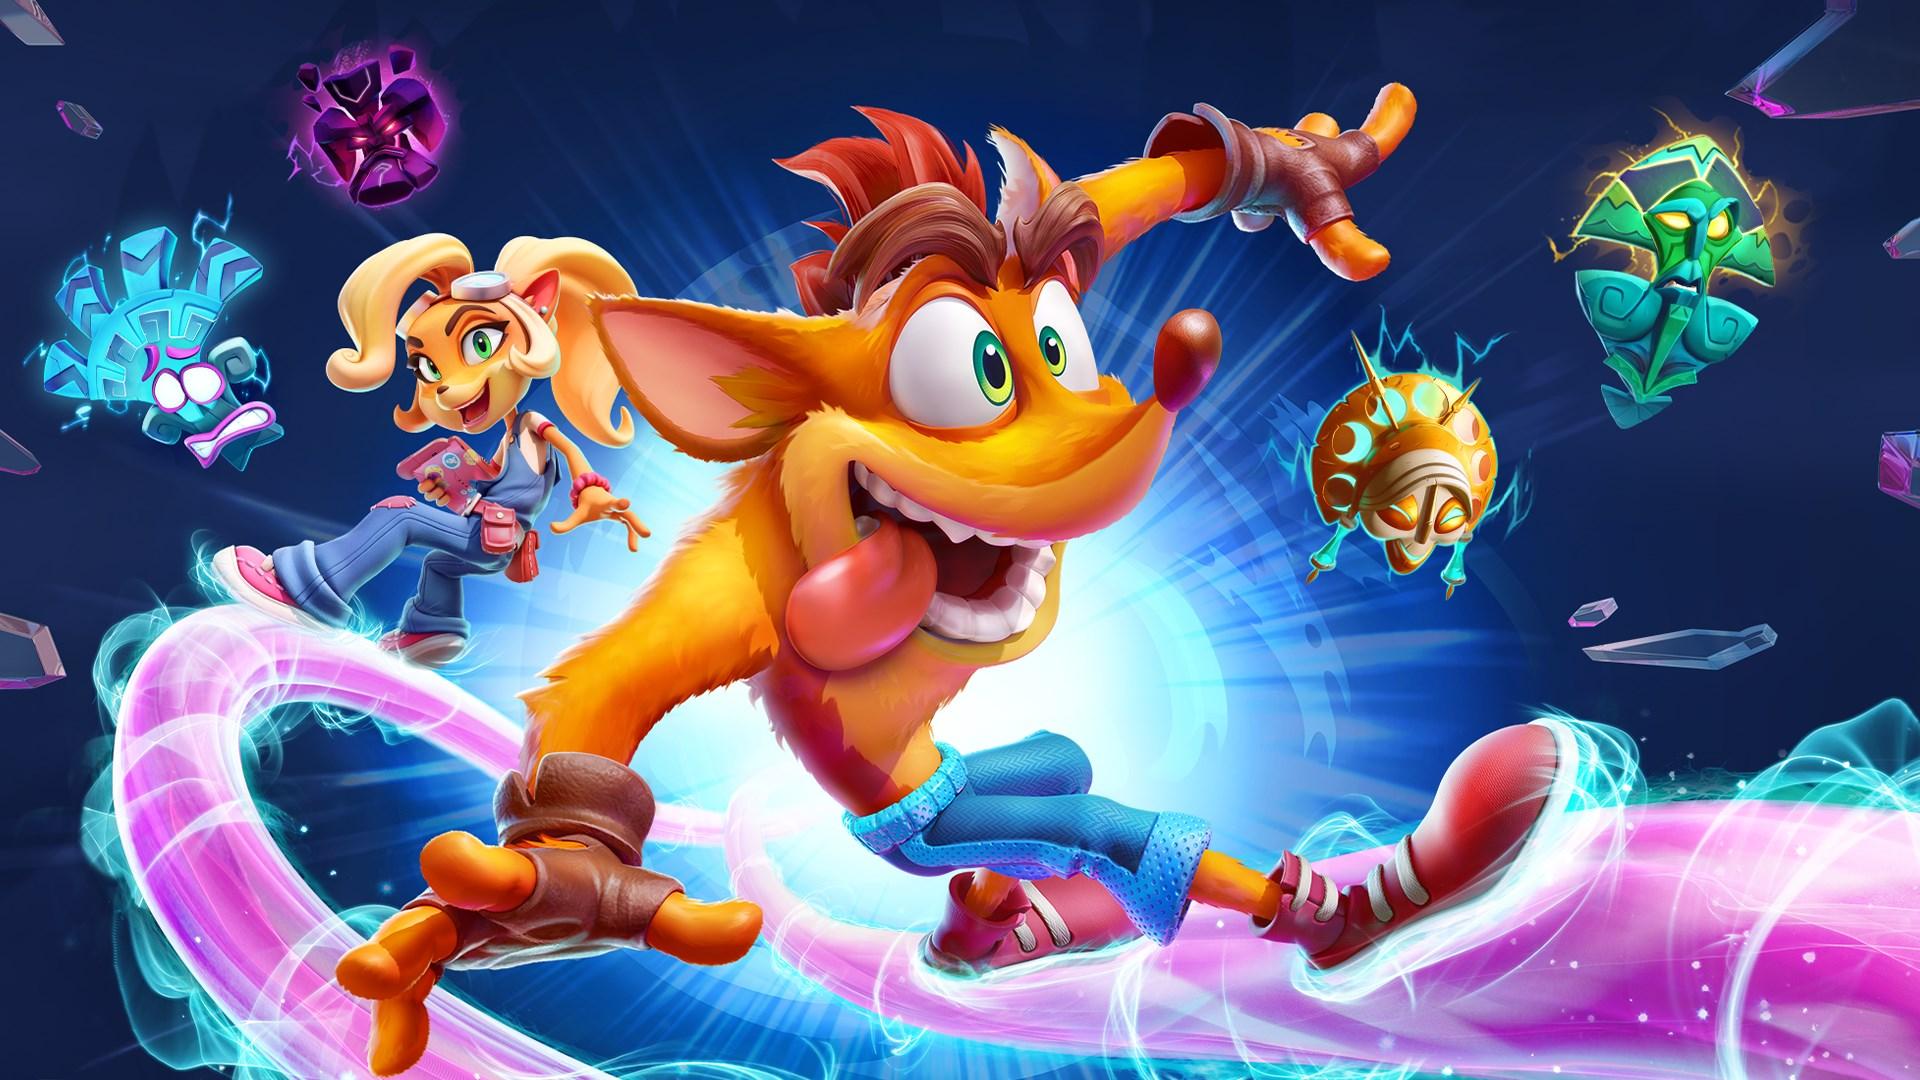 Crash Bandicoot 4 expande as plataformas de jogo